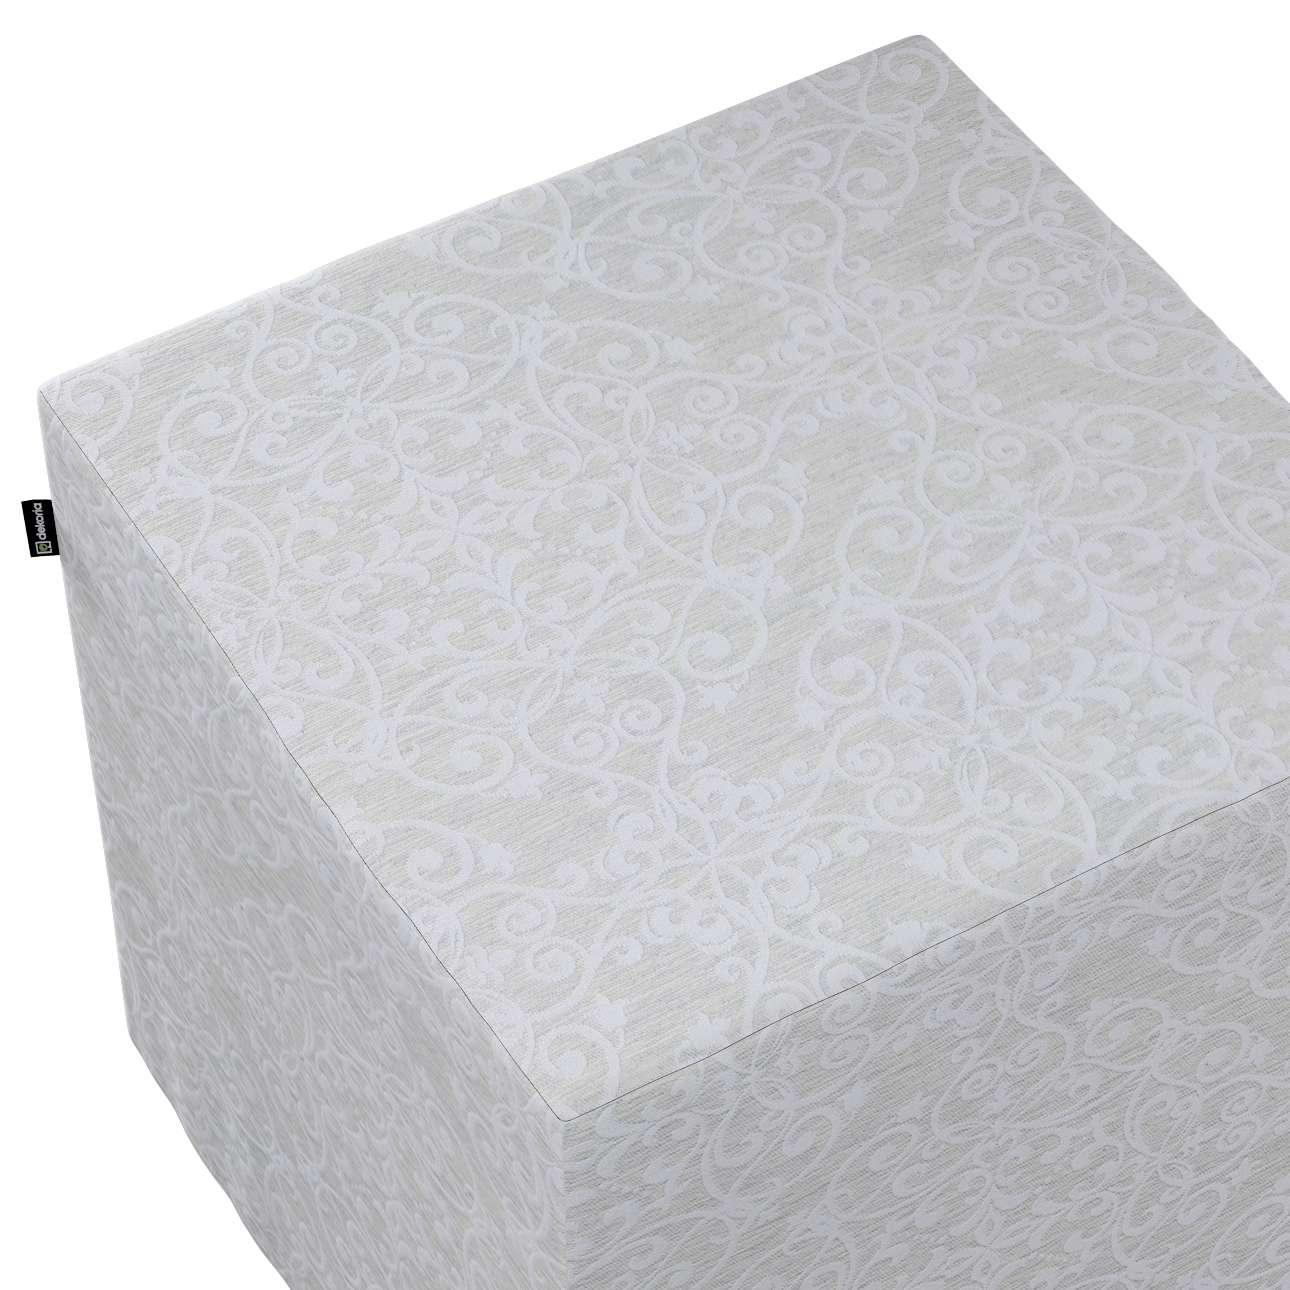 Bezug für Sitzwürfel von der Kollektion Venice, Stoff: 140-49